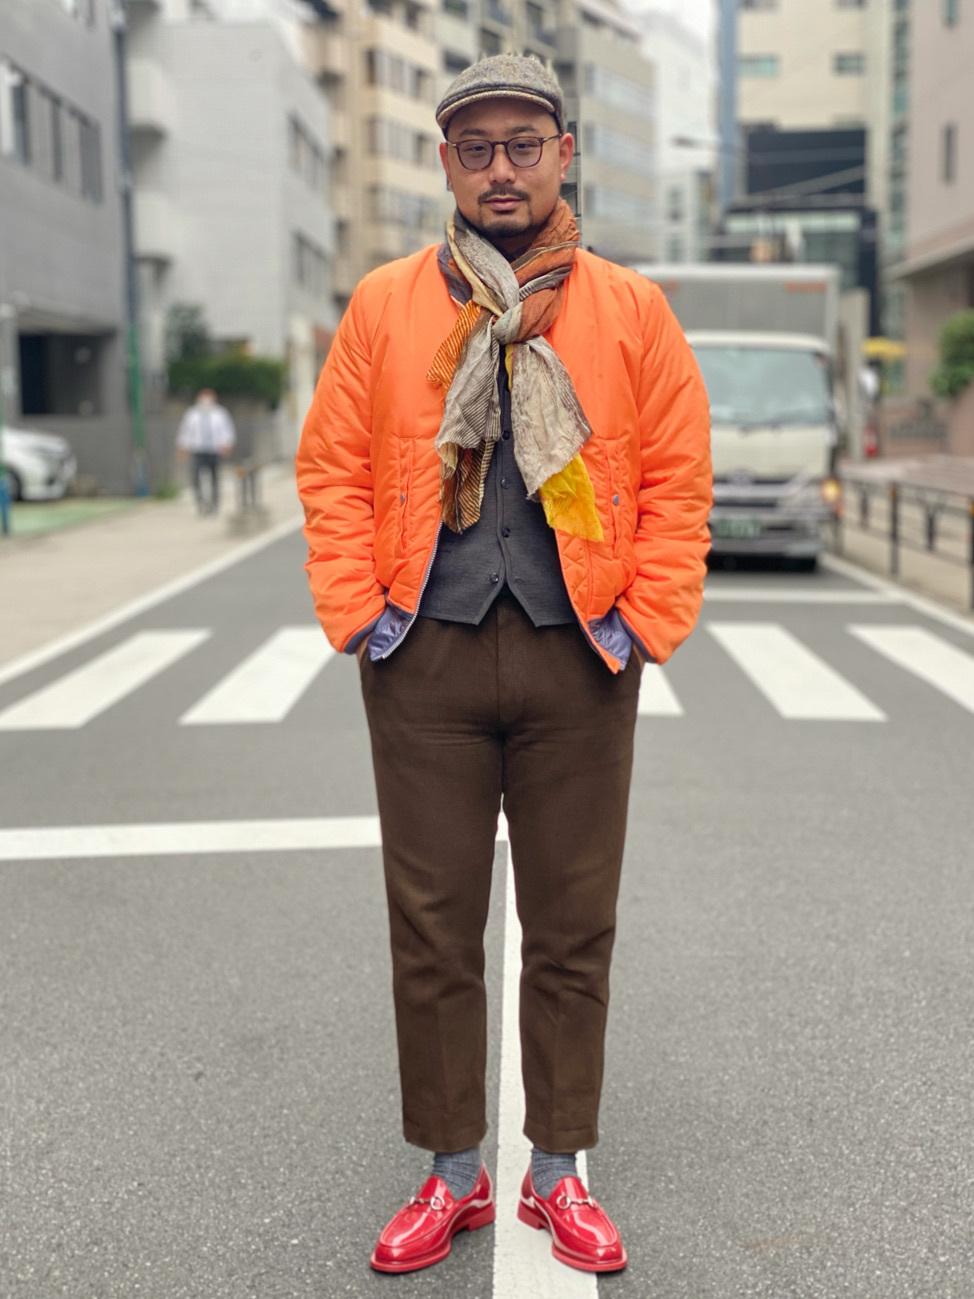 ALPHA SHOP渋谷店のKataoka.RさんのALPHAのMA-1 タイト ジャケット【ユニセックス】を使ったコーディネート